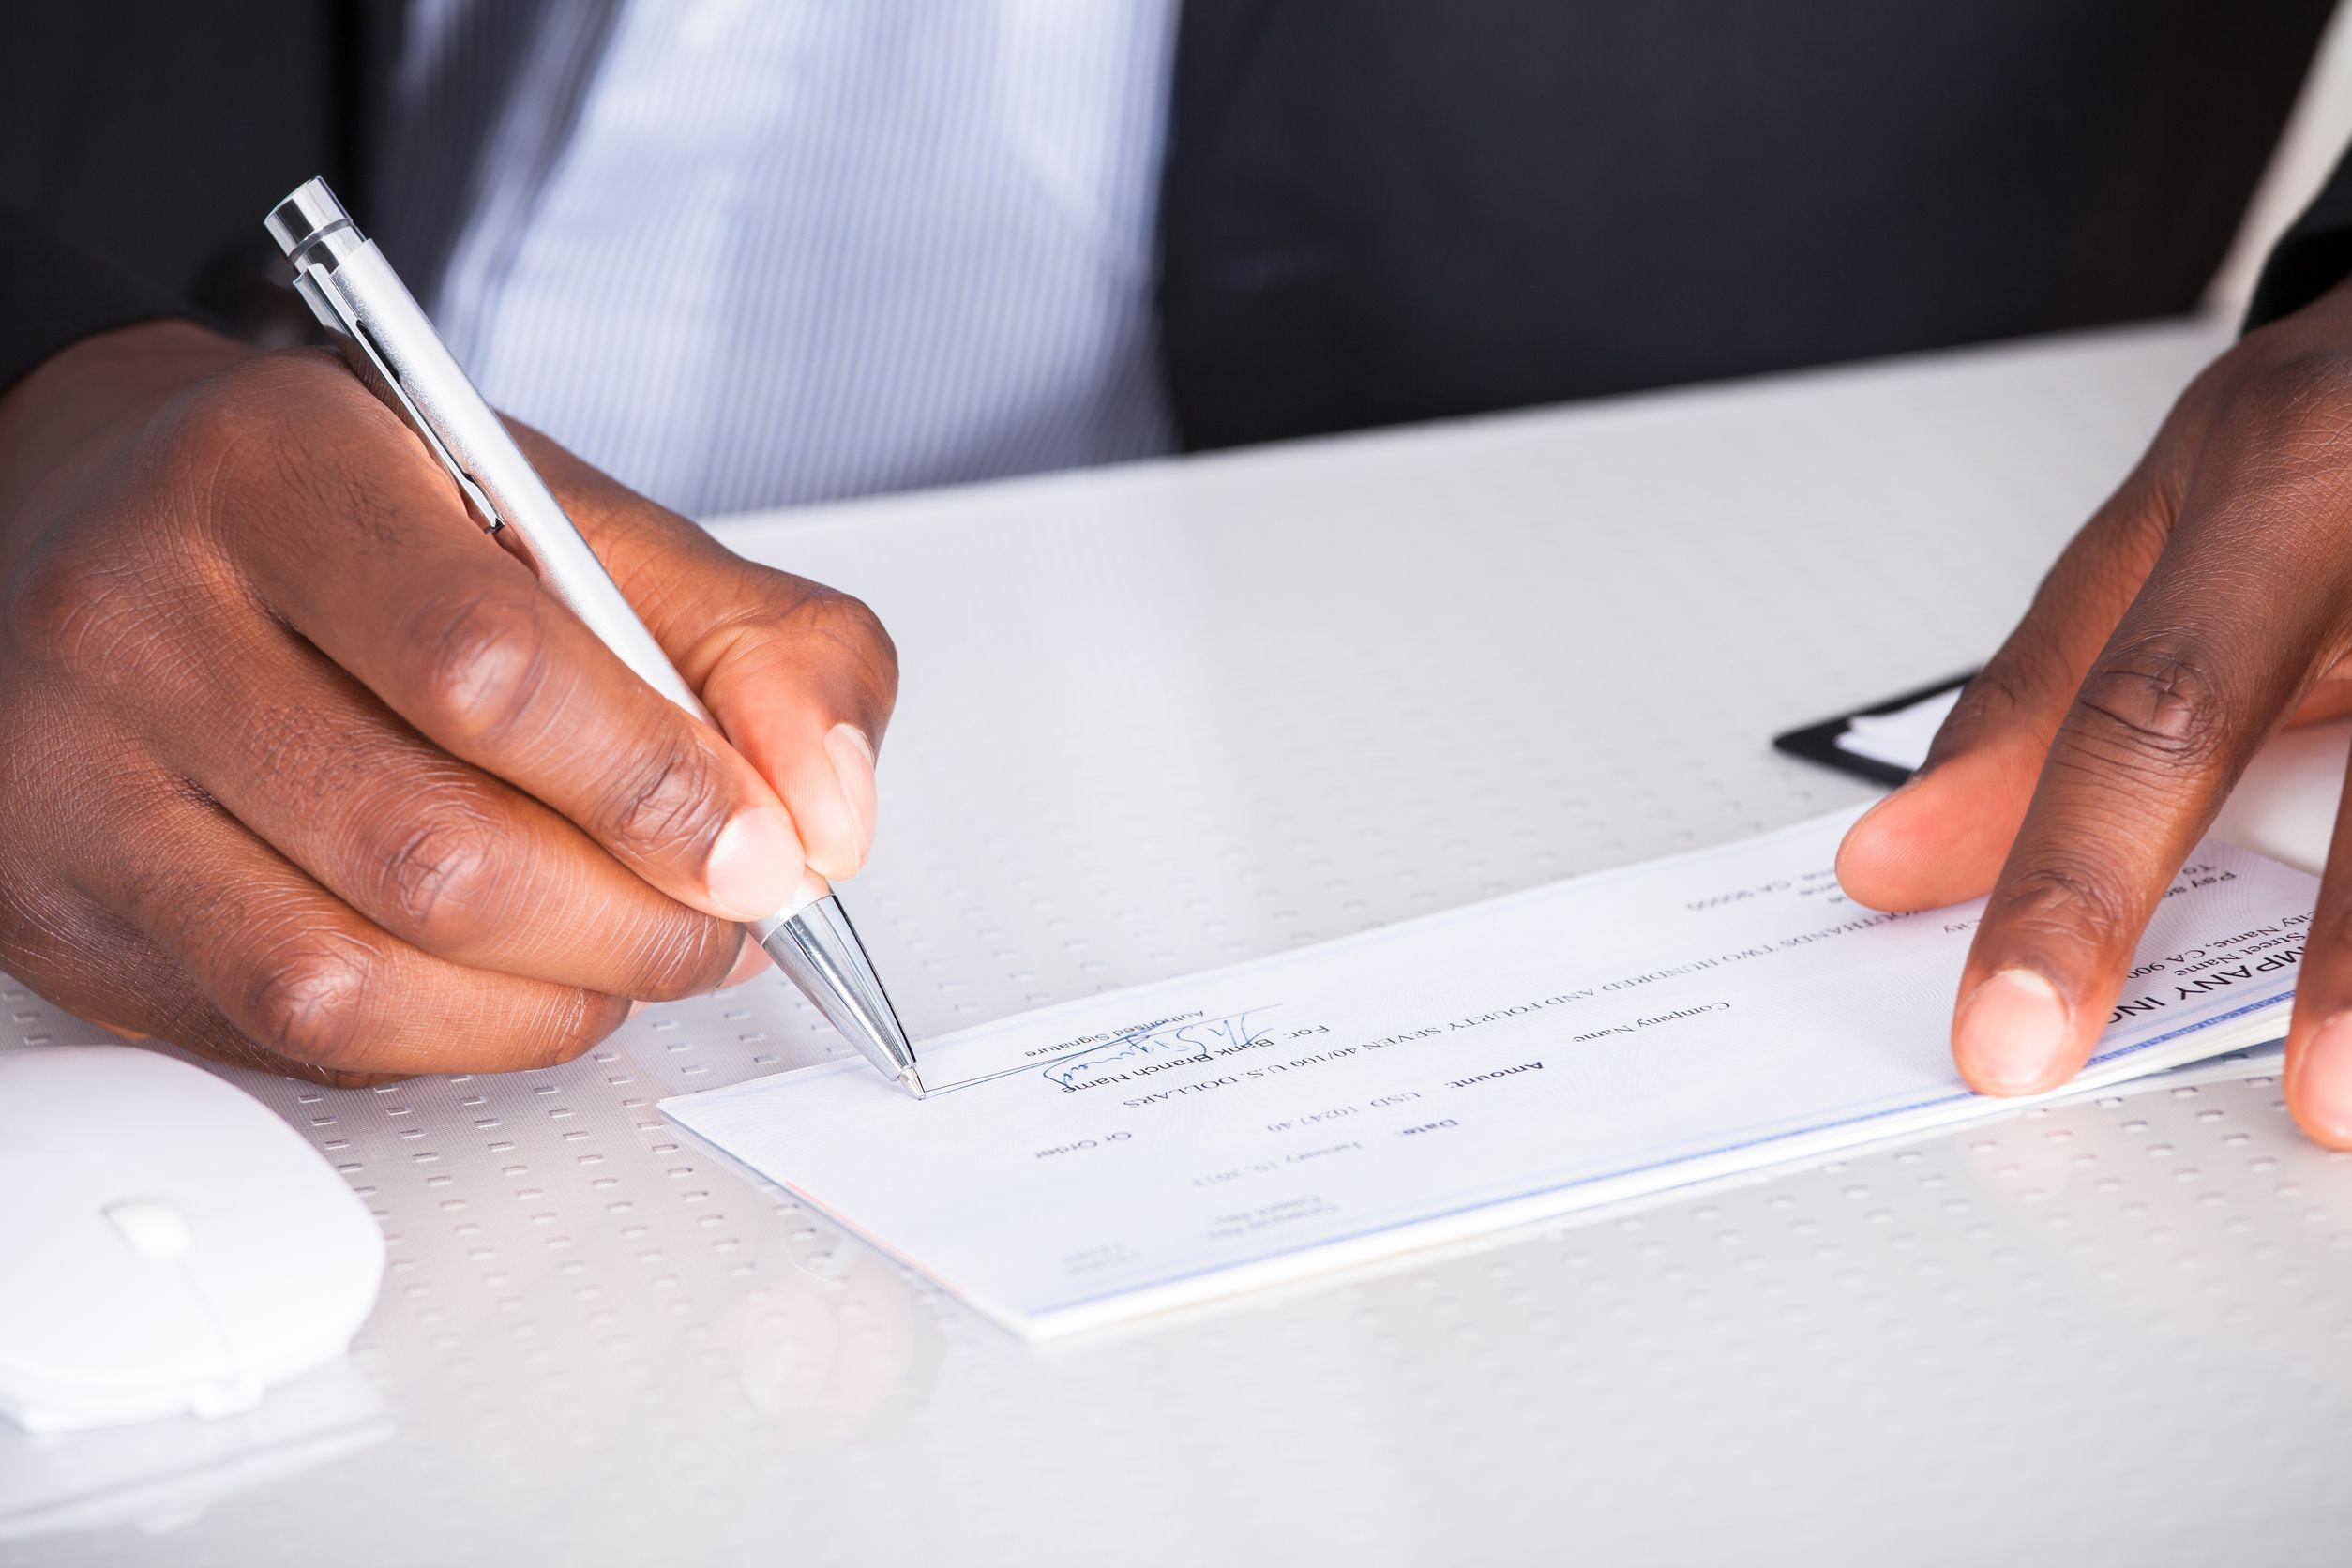 How to Verify Cashier's Checks